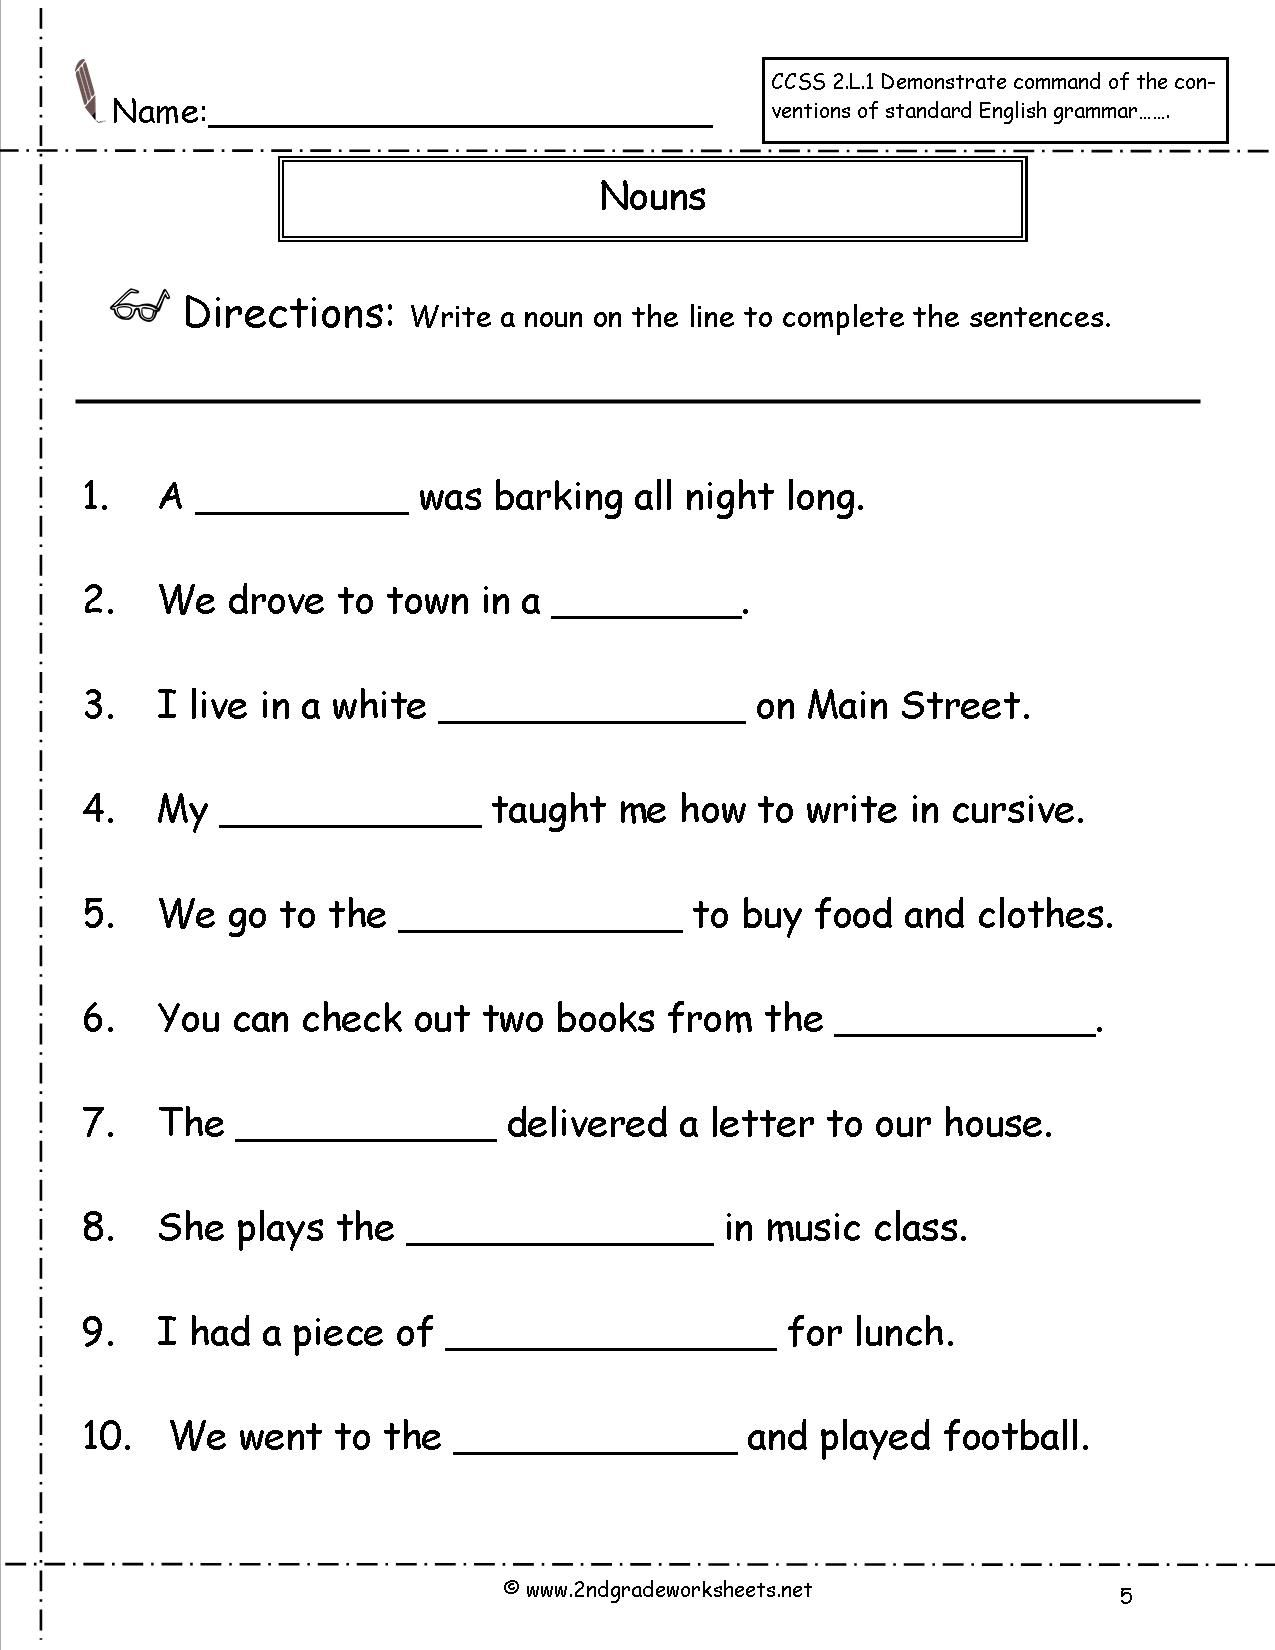 14 Best Homophones Worksheets Images On Best Worksheets